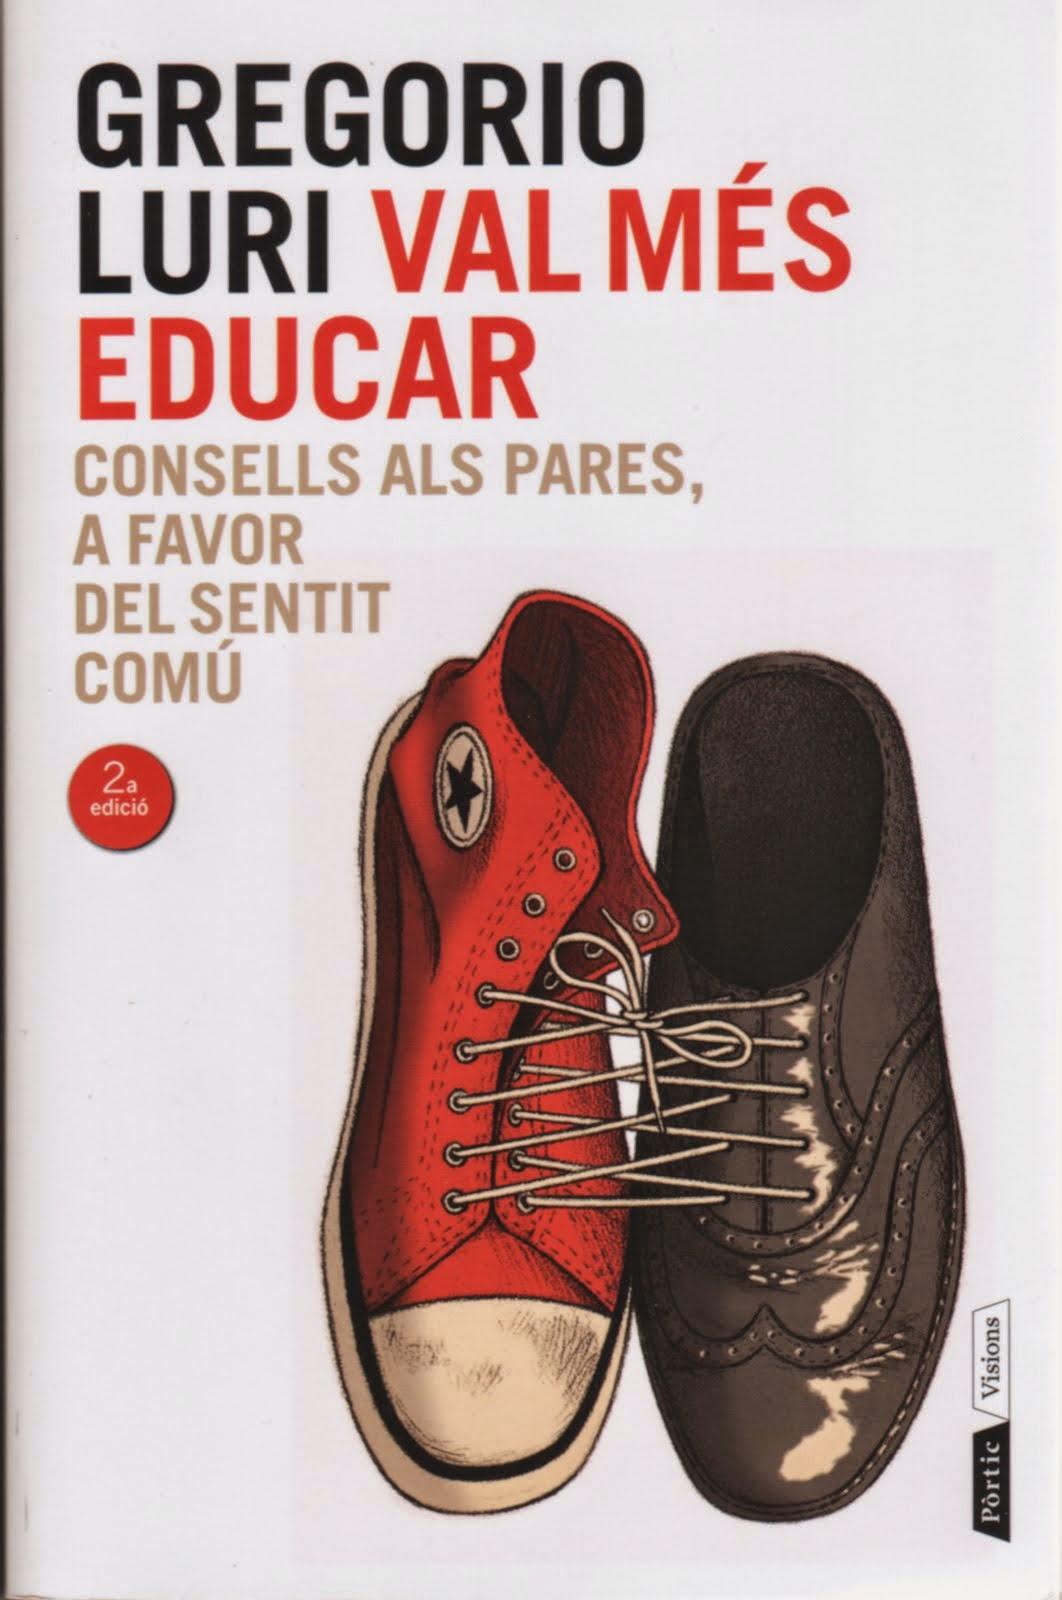 2a edició en català